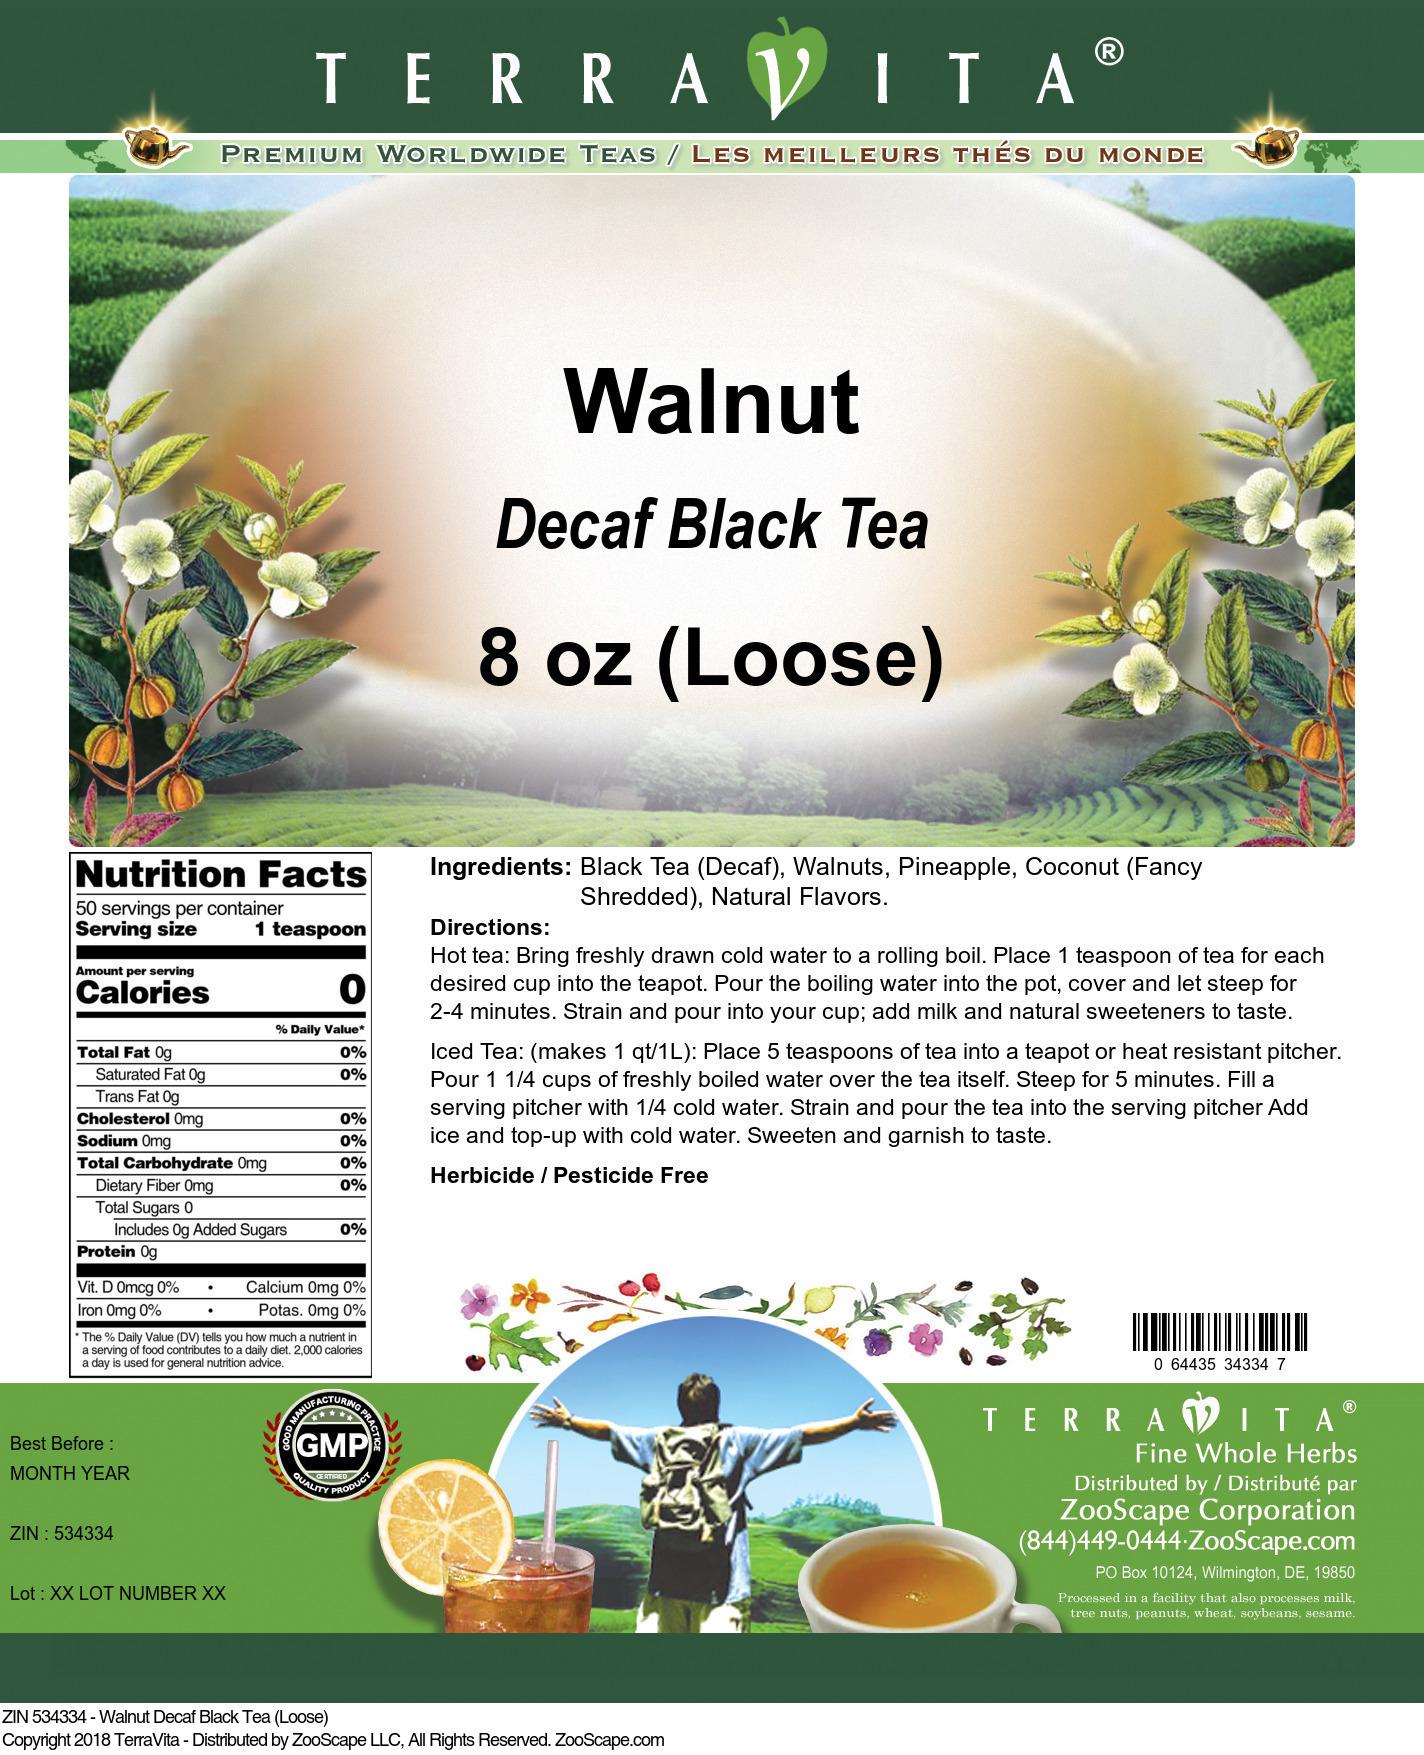 Walnut Decaf Black Tea (Loose)